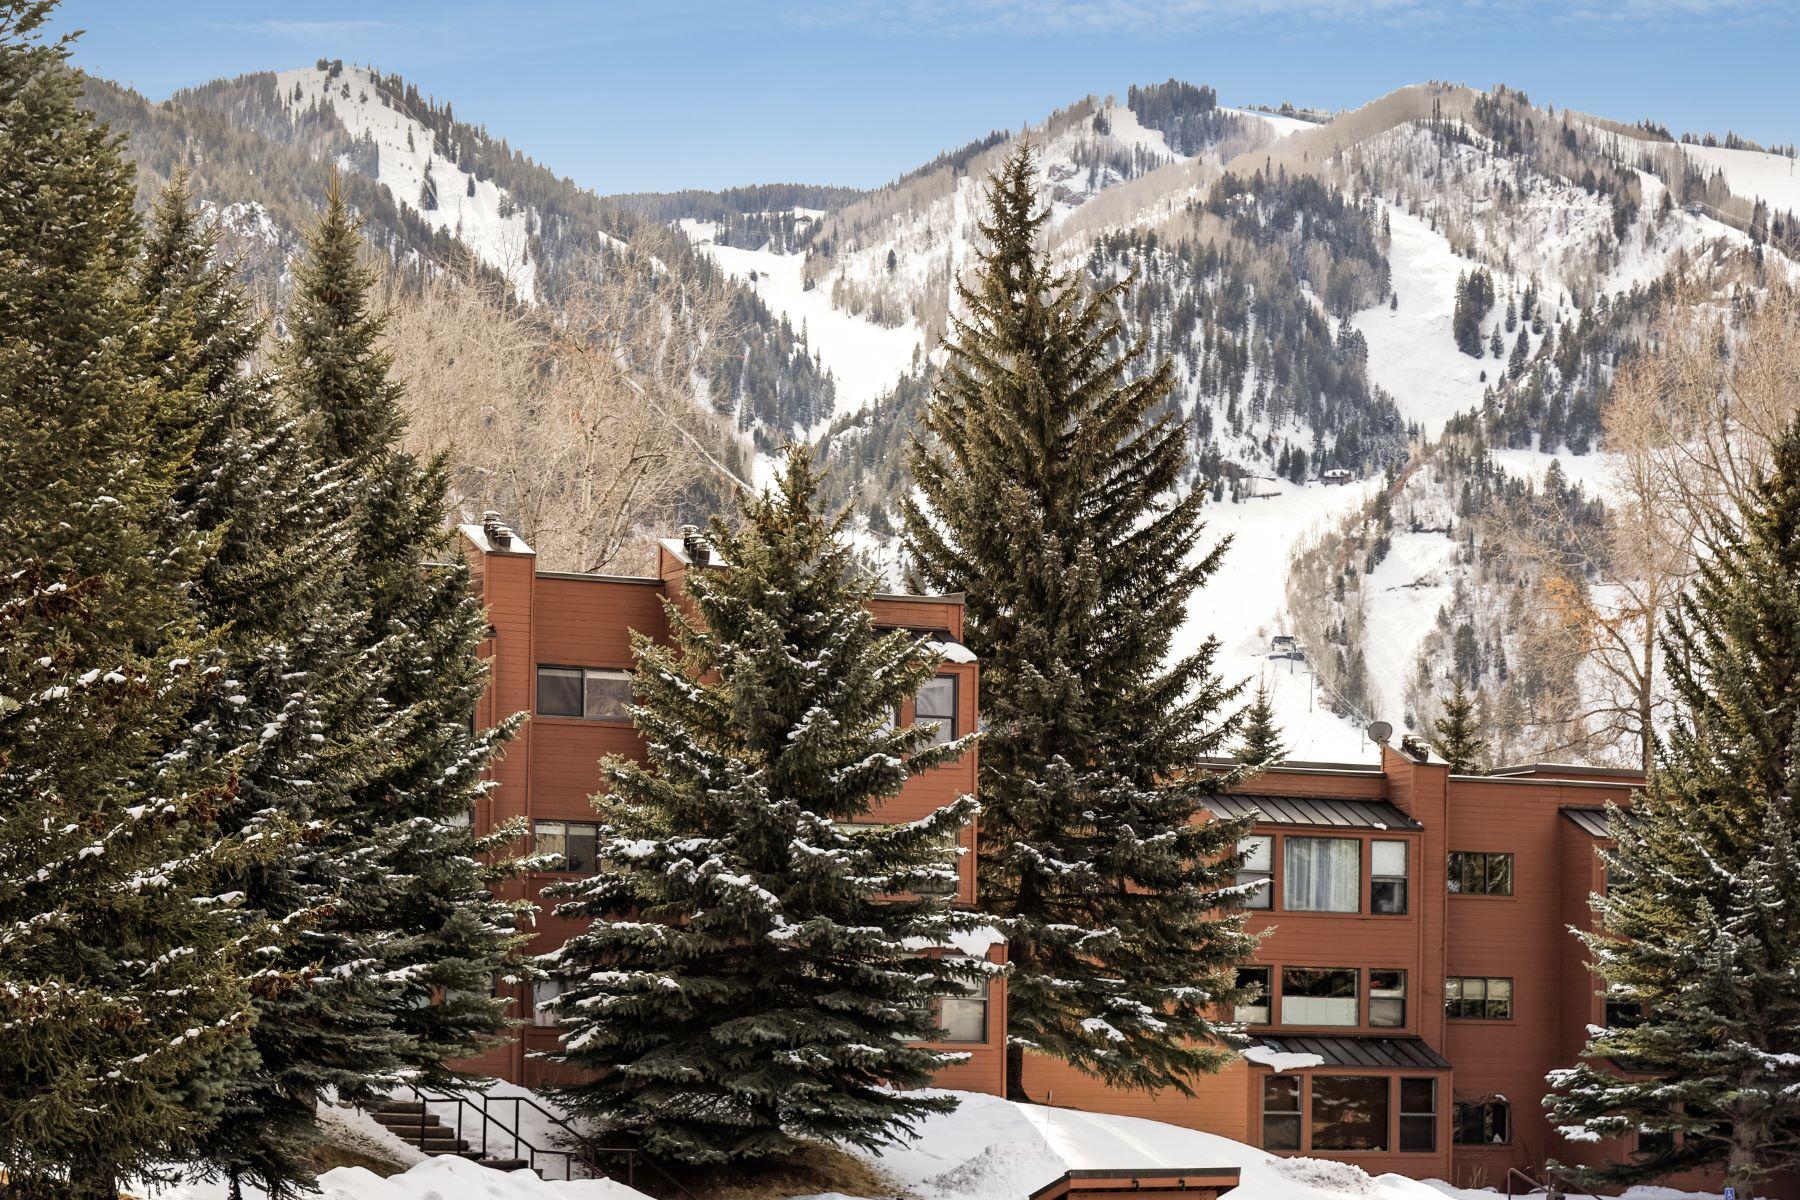 Кондоминиум для того Продажа на Top Floor Remodeled One Bedroom Condo 1041 Vine Street Unit 1041, Aspen, Колорадо, 81611 Соединенные Штаты